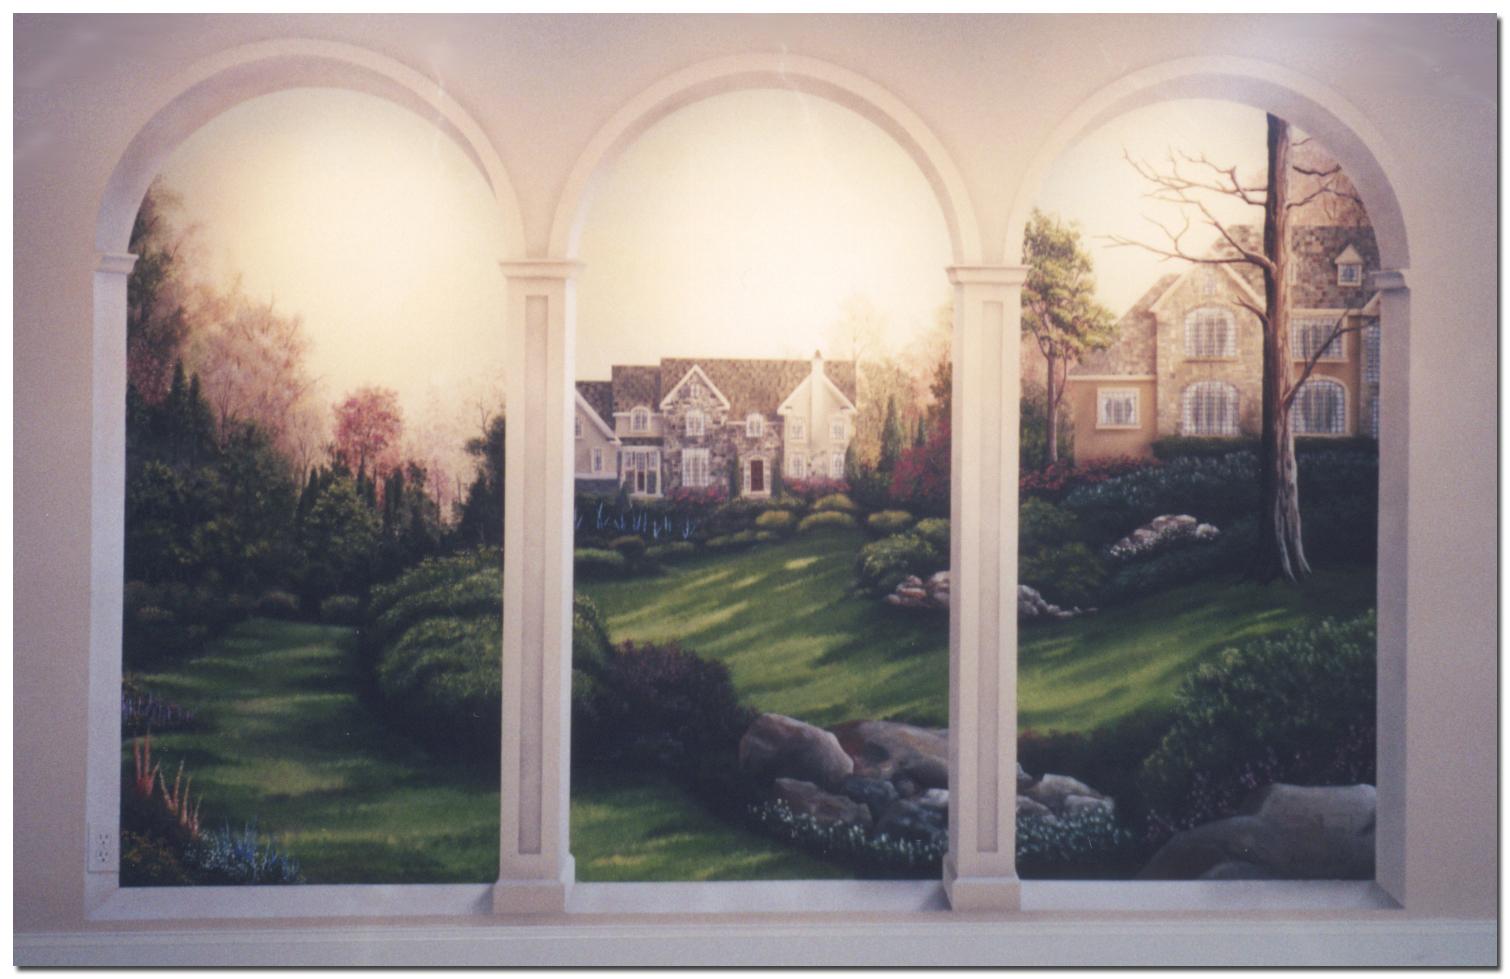 Murals Custom Hand Painted Wall Murals by Art Effects 1510x979